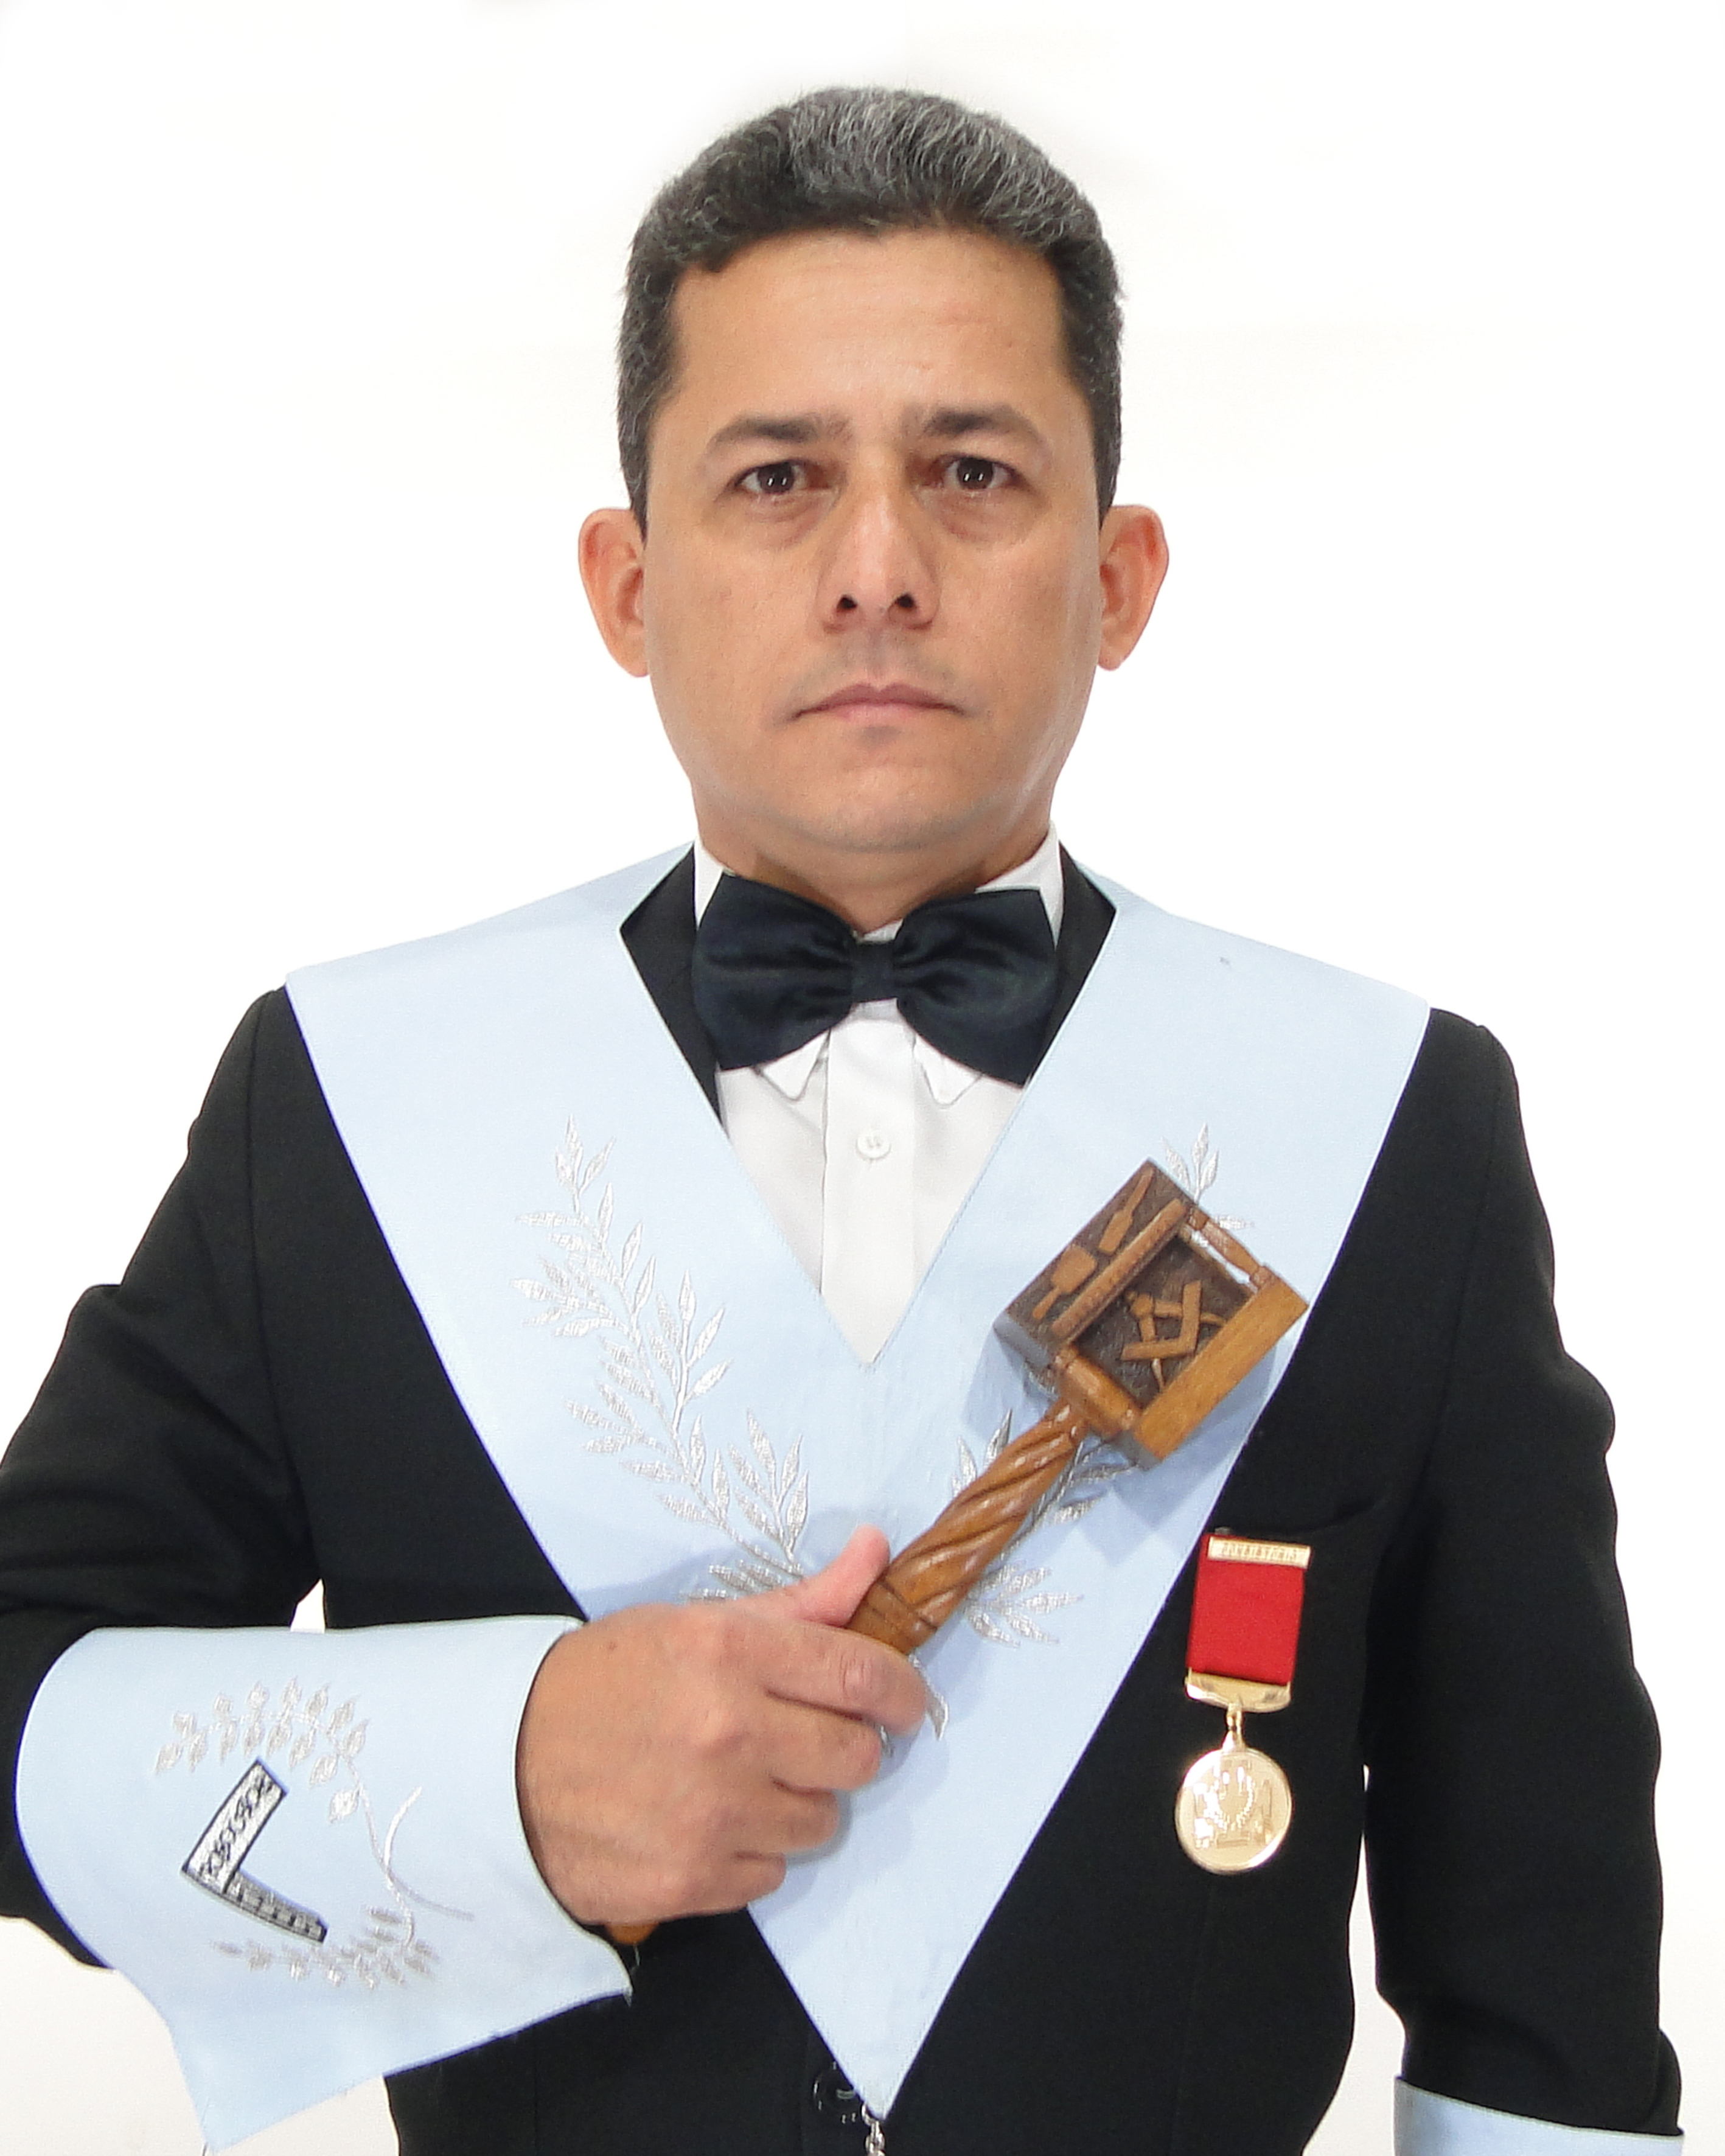 Regildo_Araújo_Ferreira_-_2010-2011-2012